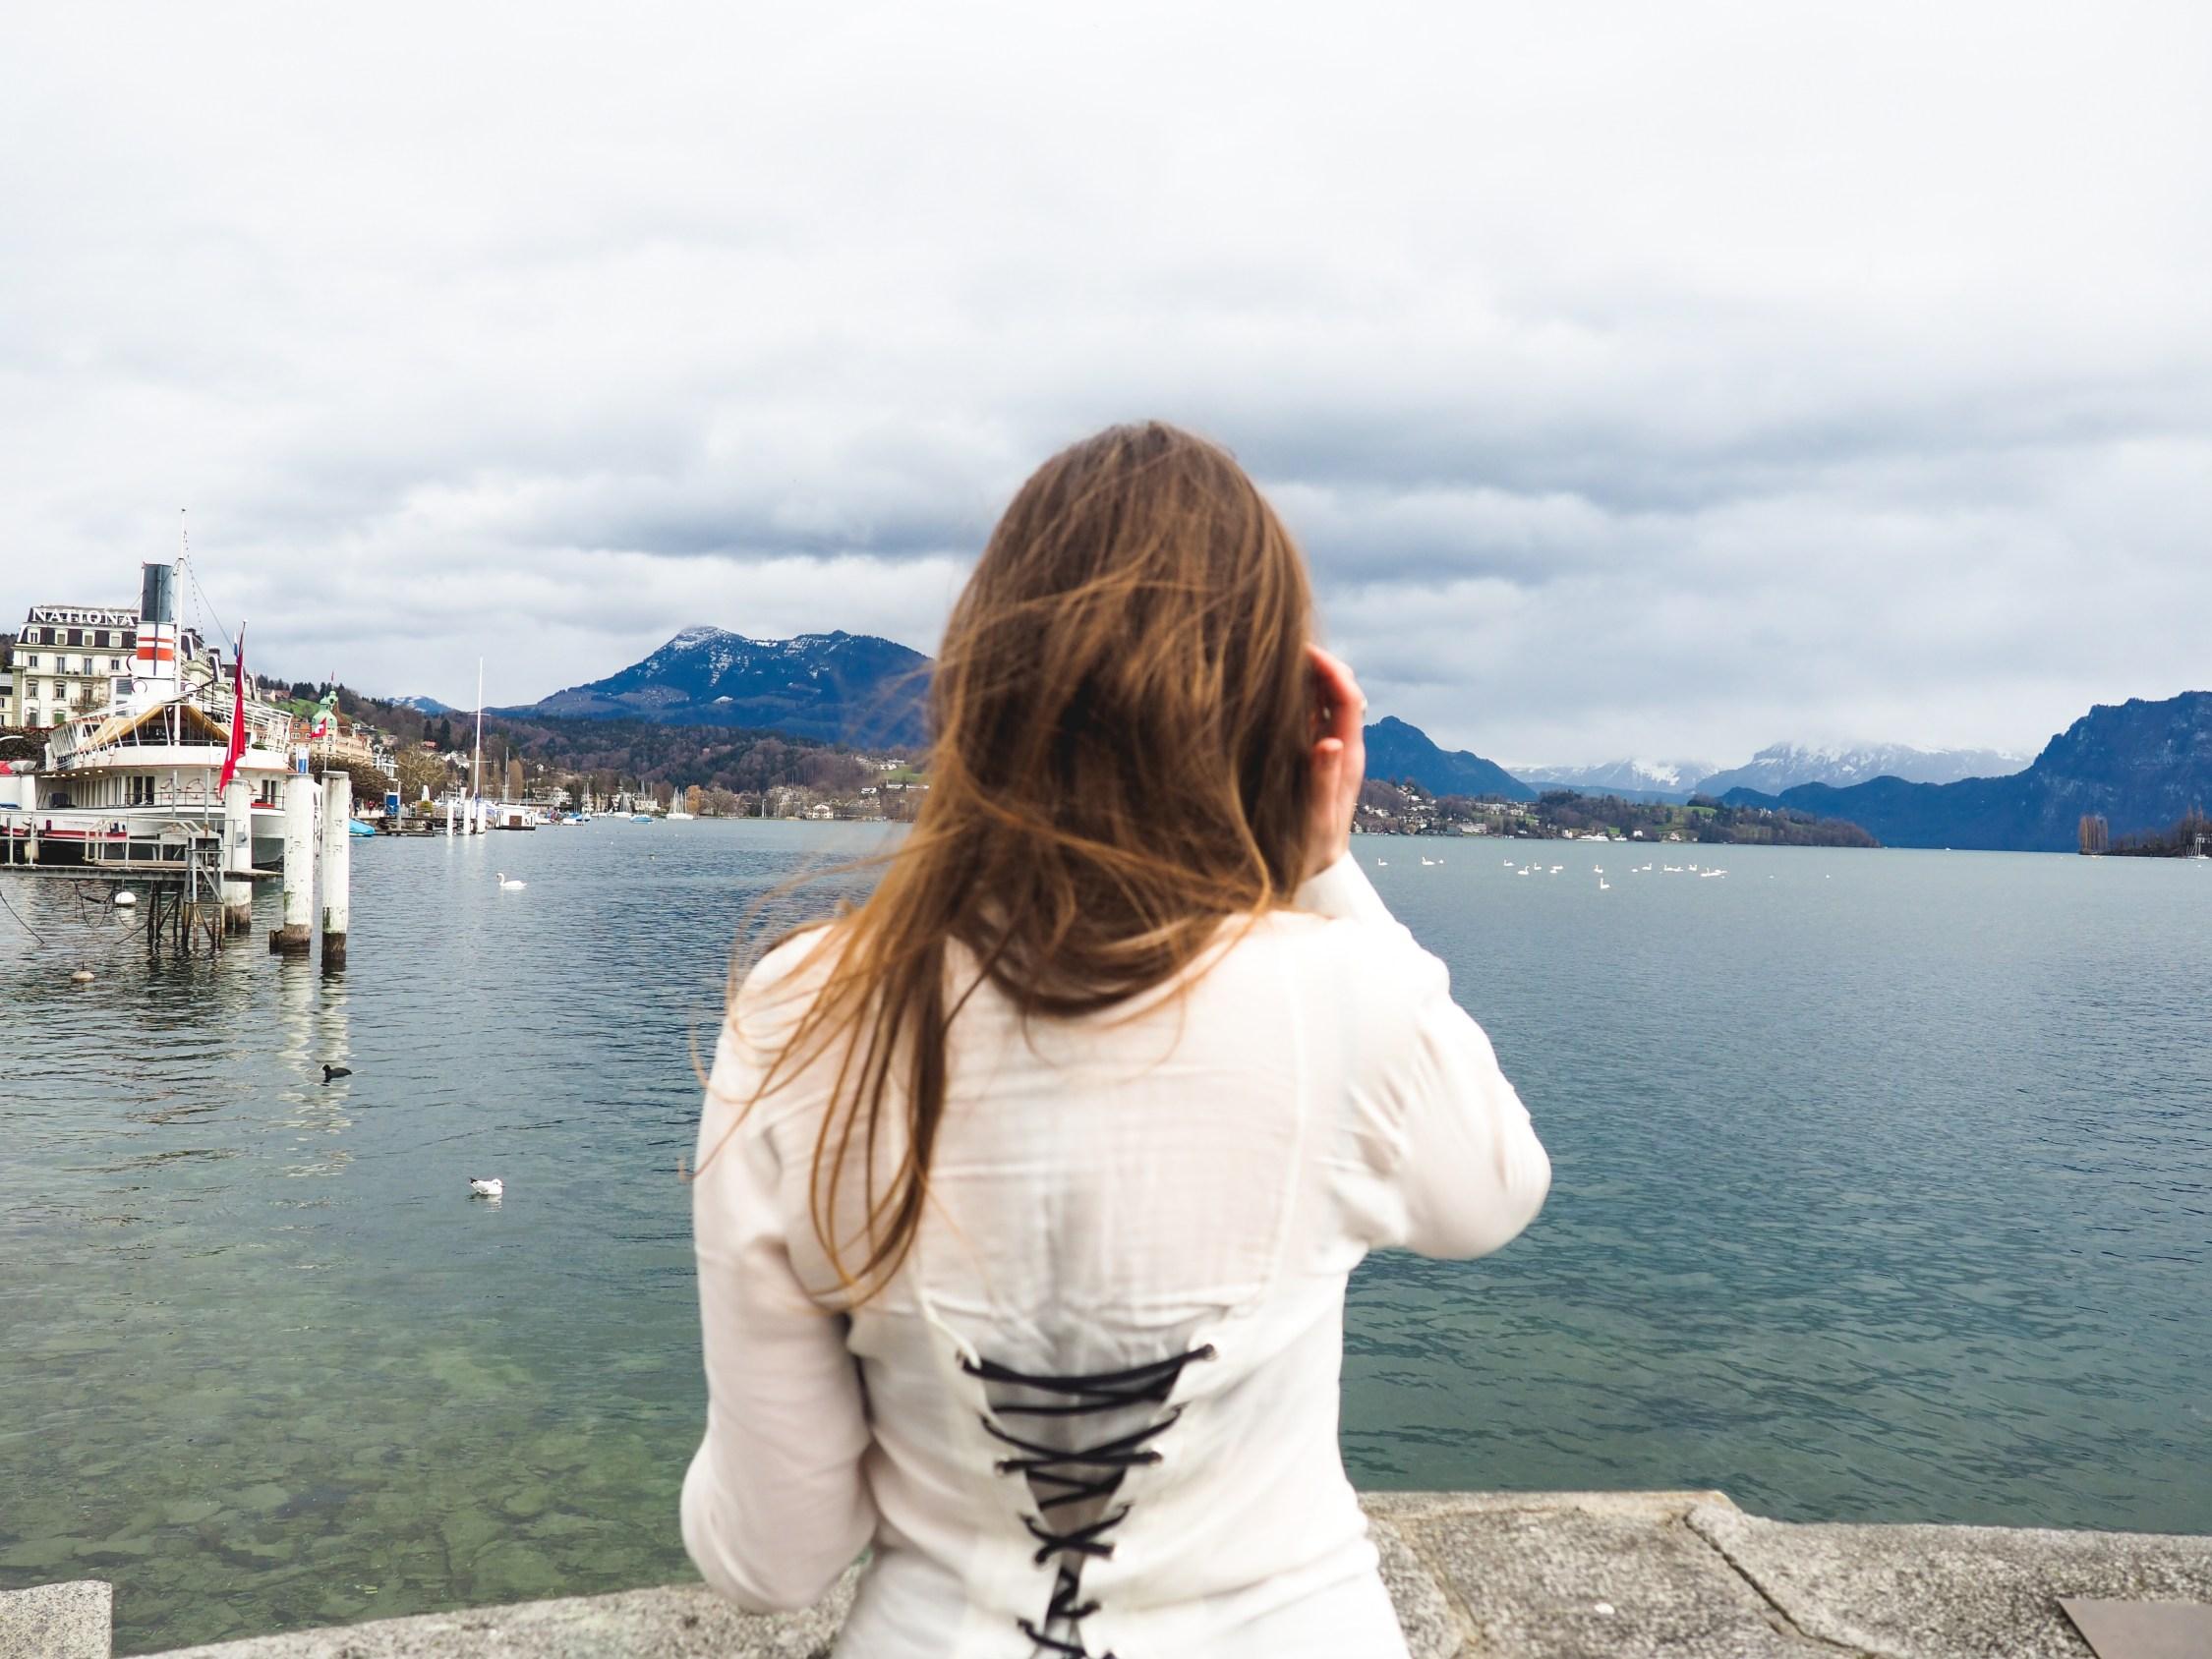 Visiting Lucerne